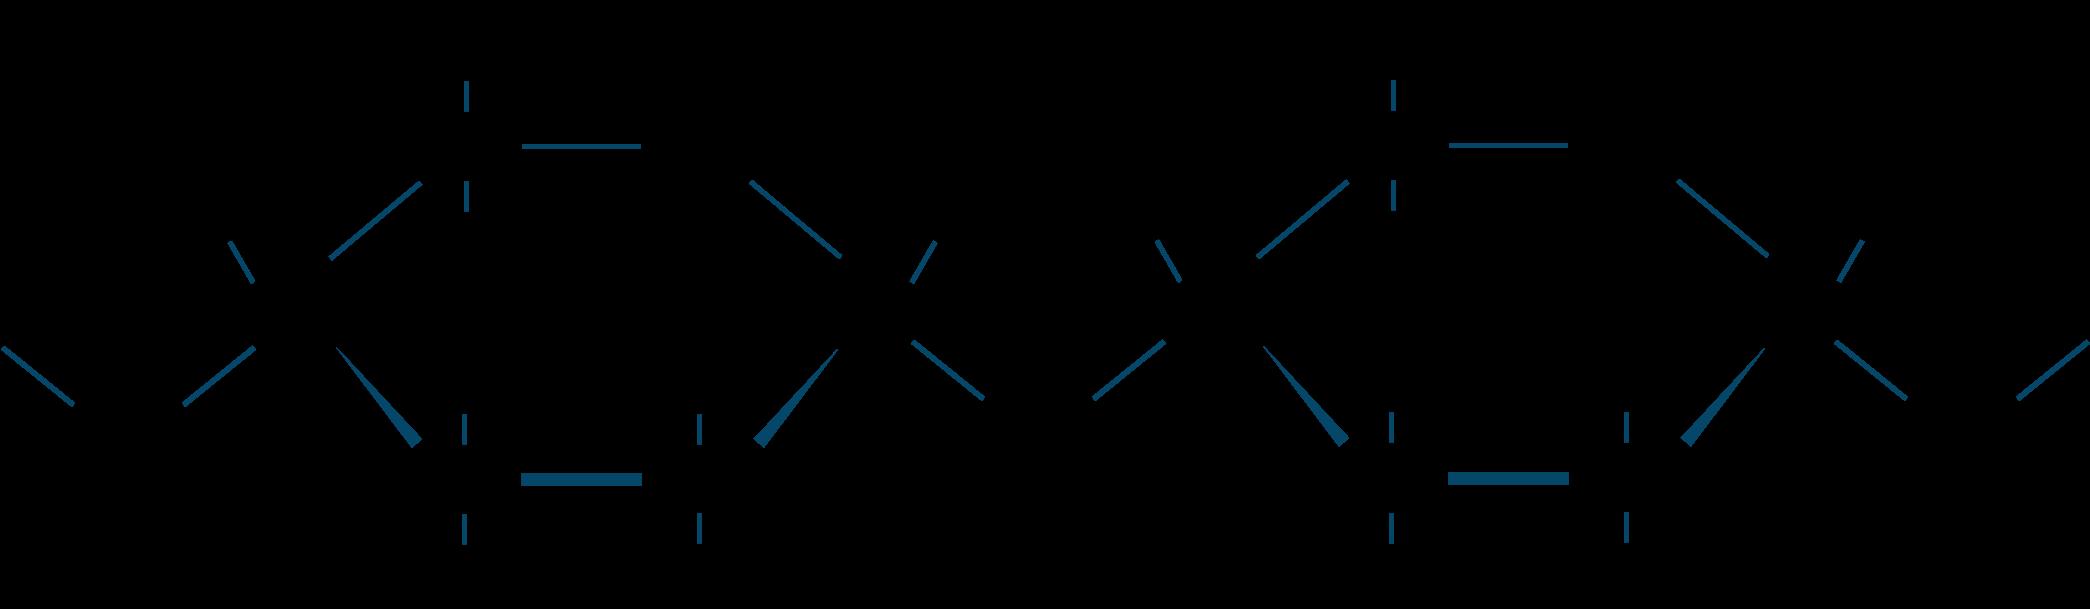 デンプン構造式